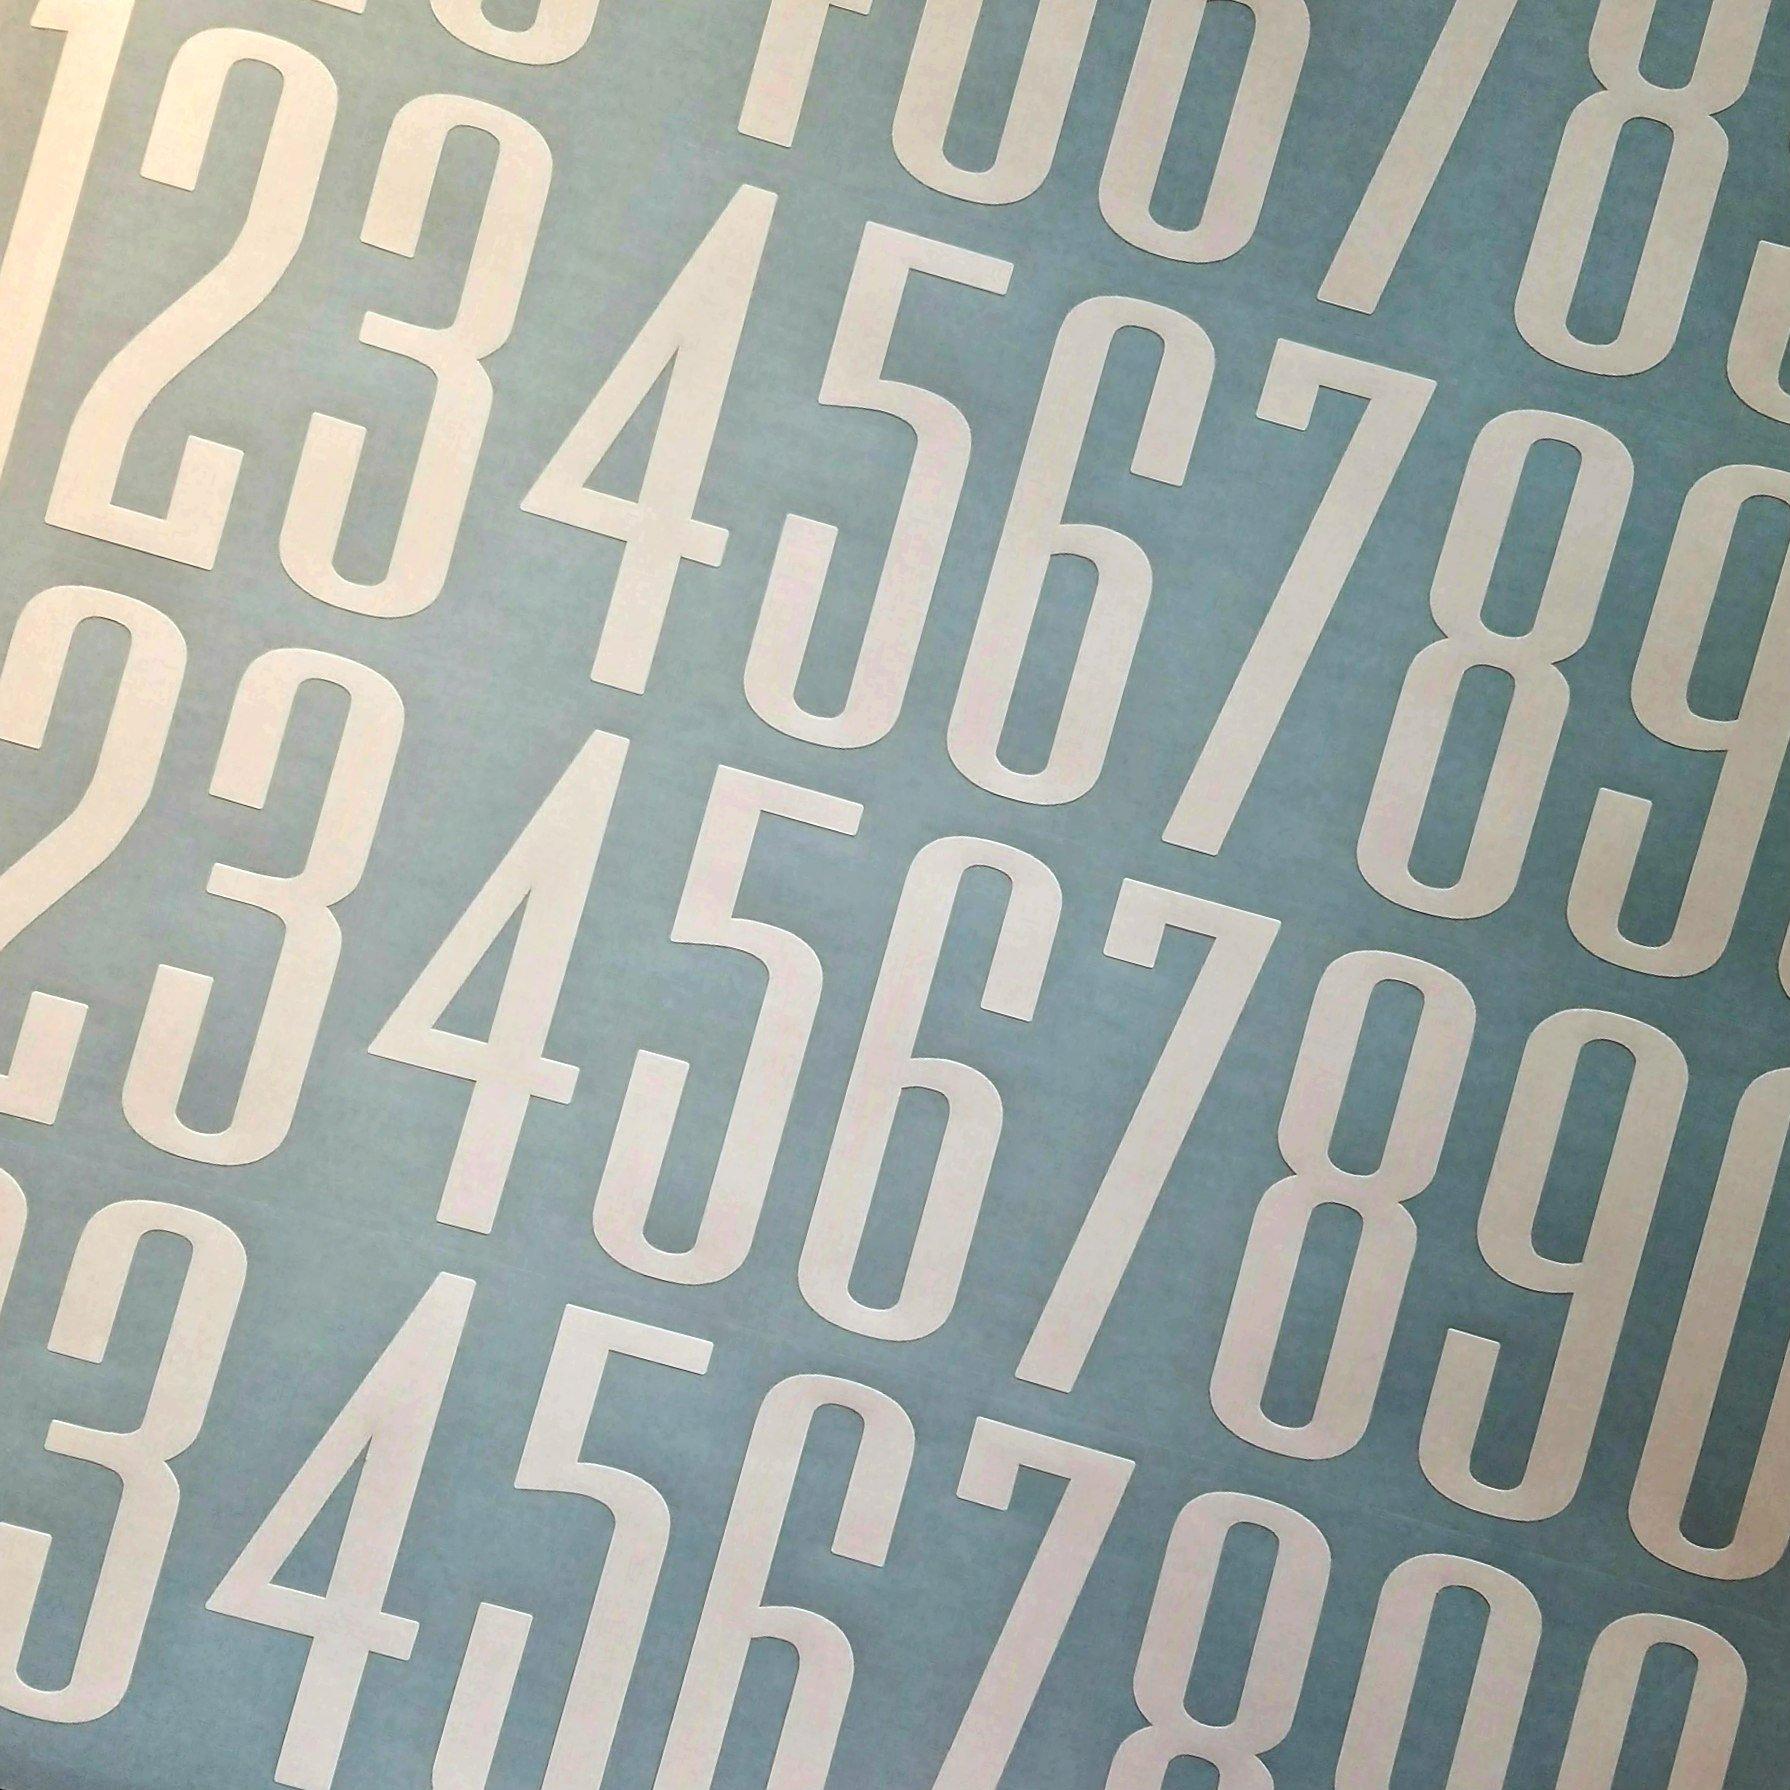 Ultramodern Style Die Cut Vinyl Numbers (4 inch 2 pack, White)